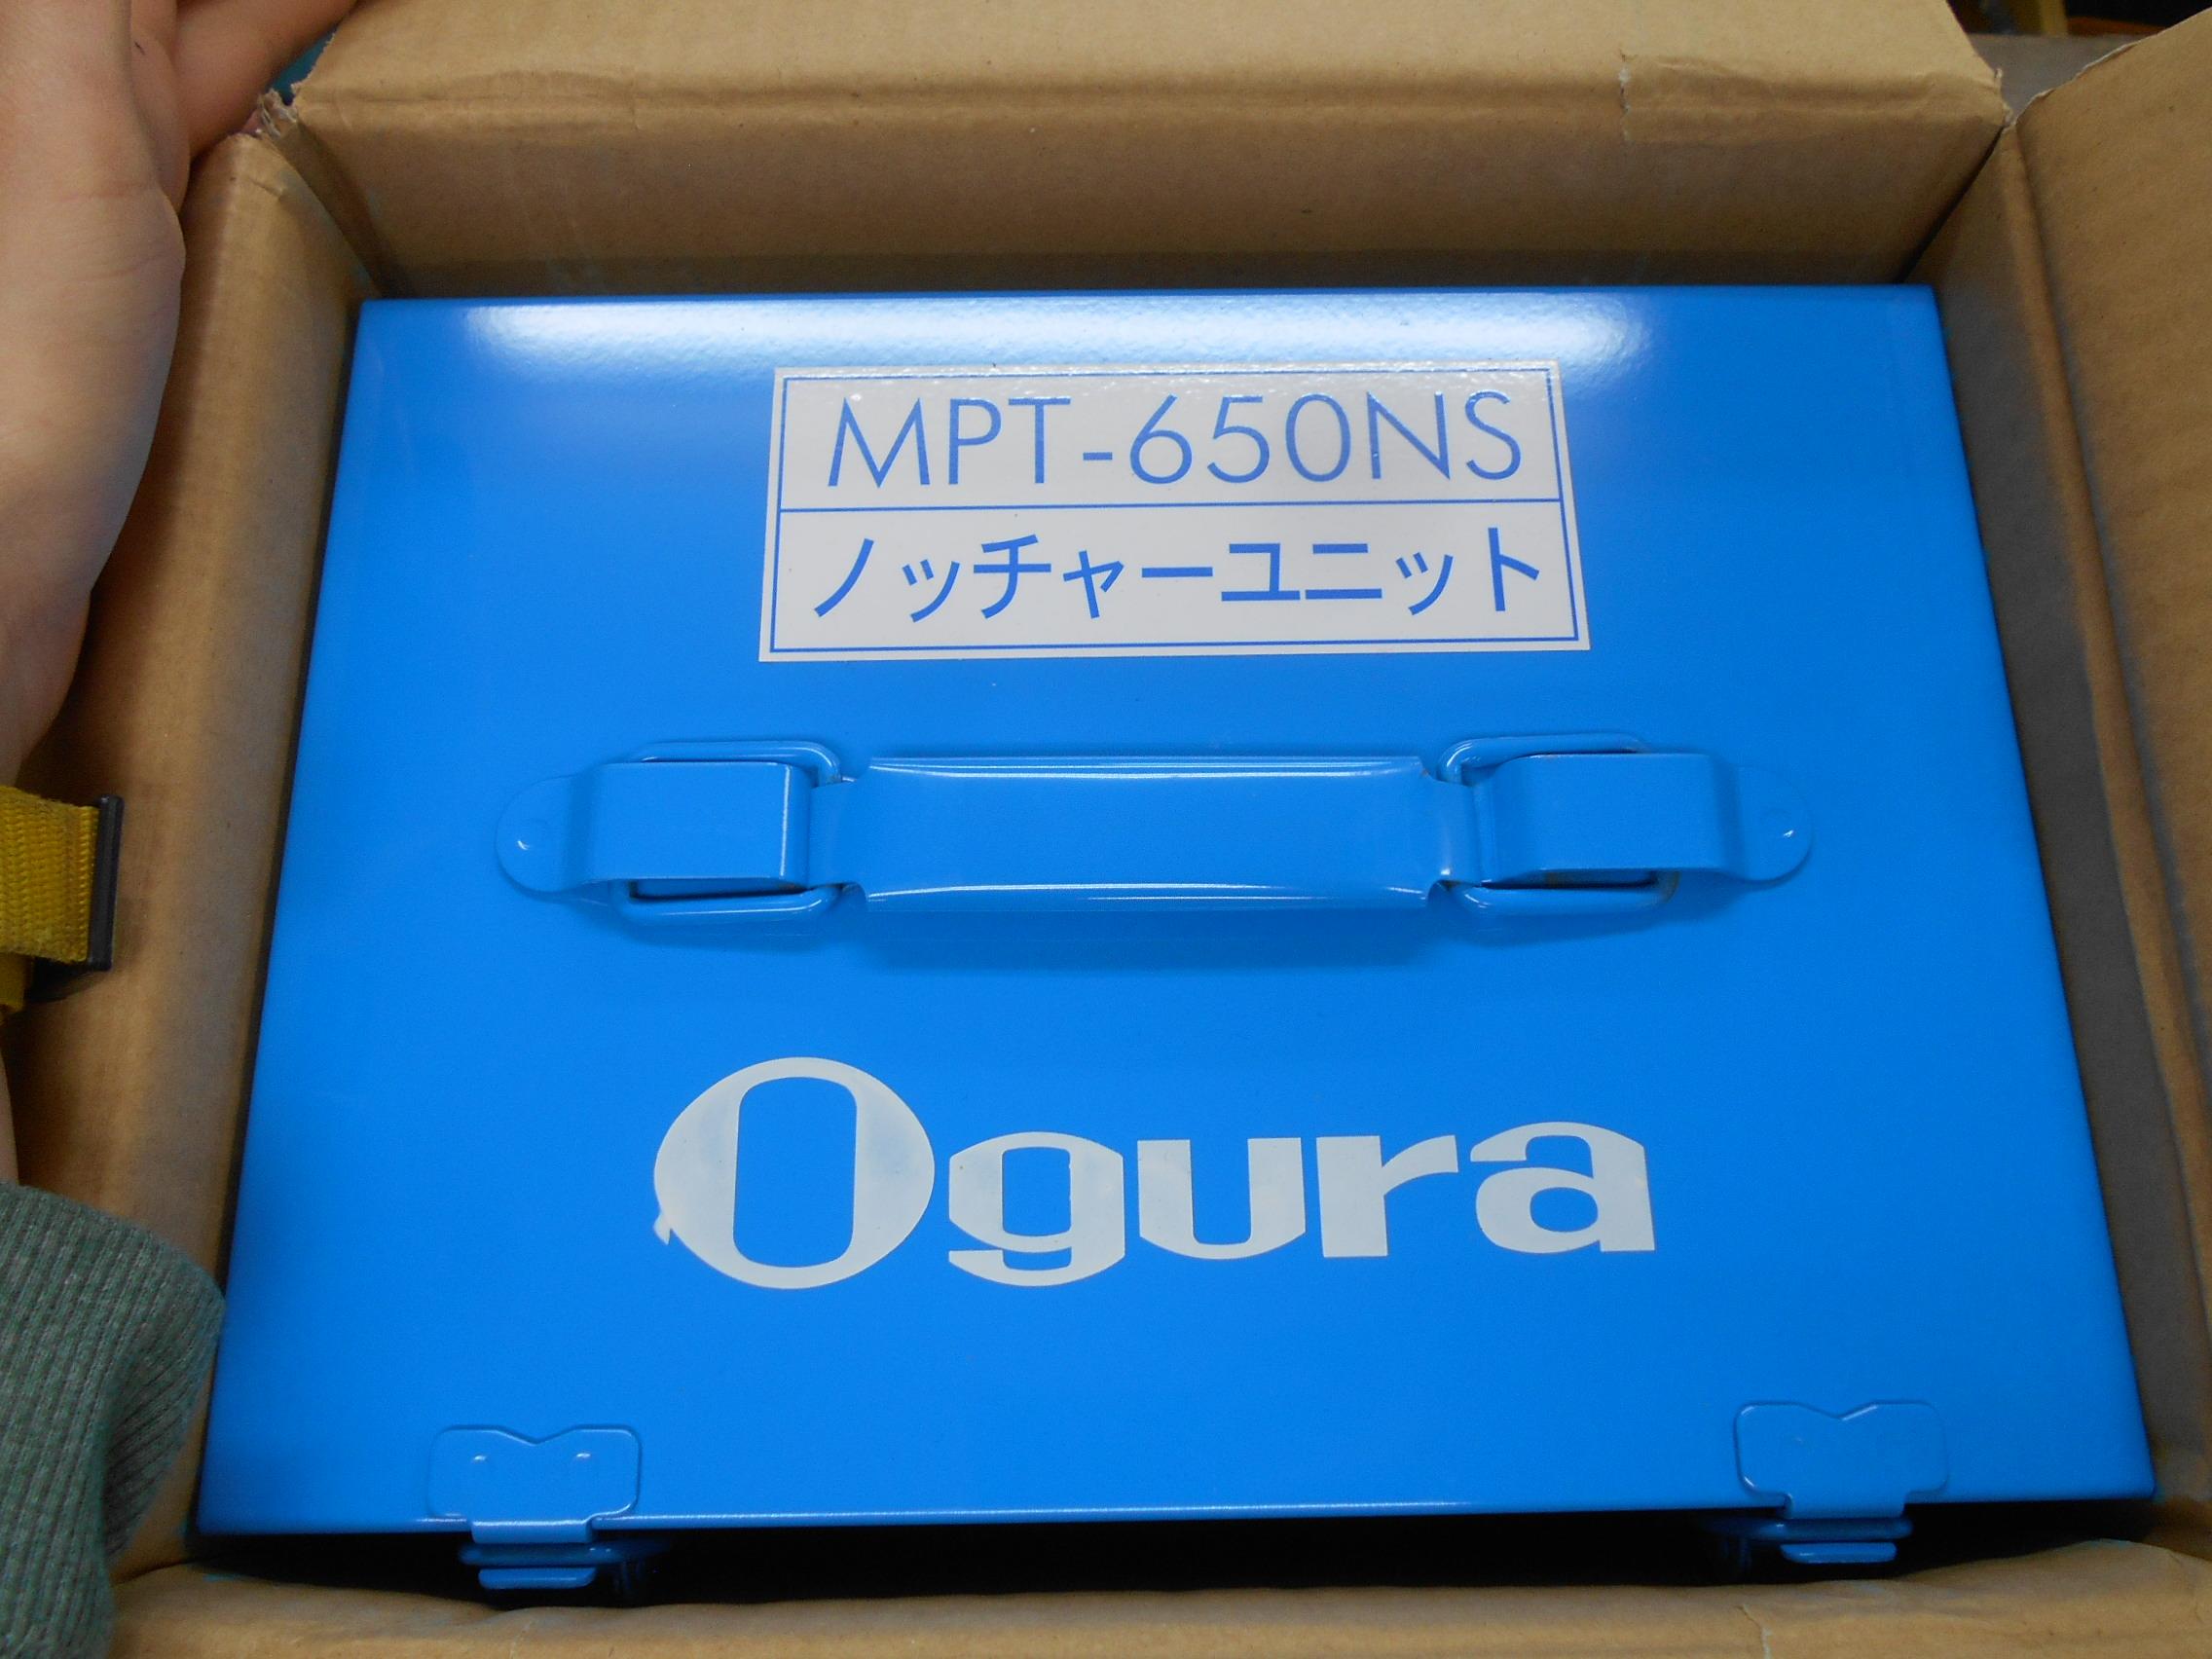 オグラ ノッチャーユニット MPT-650NS